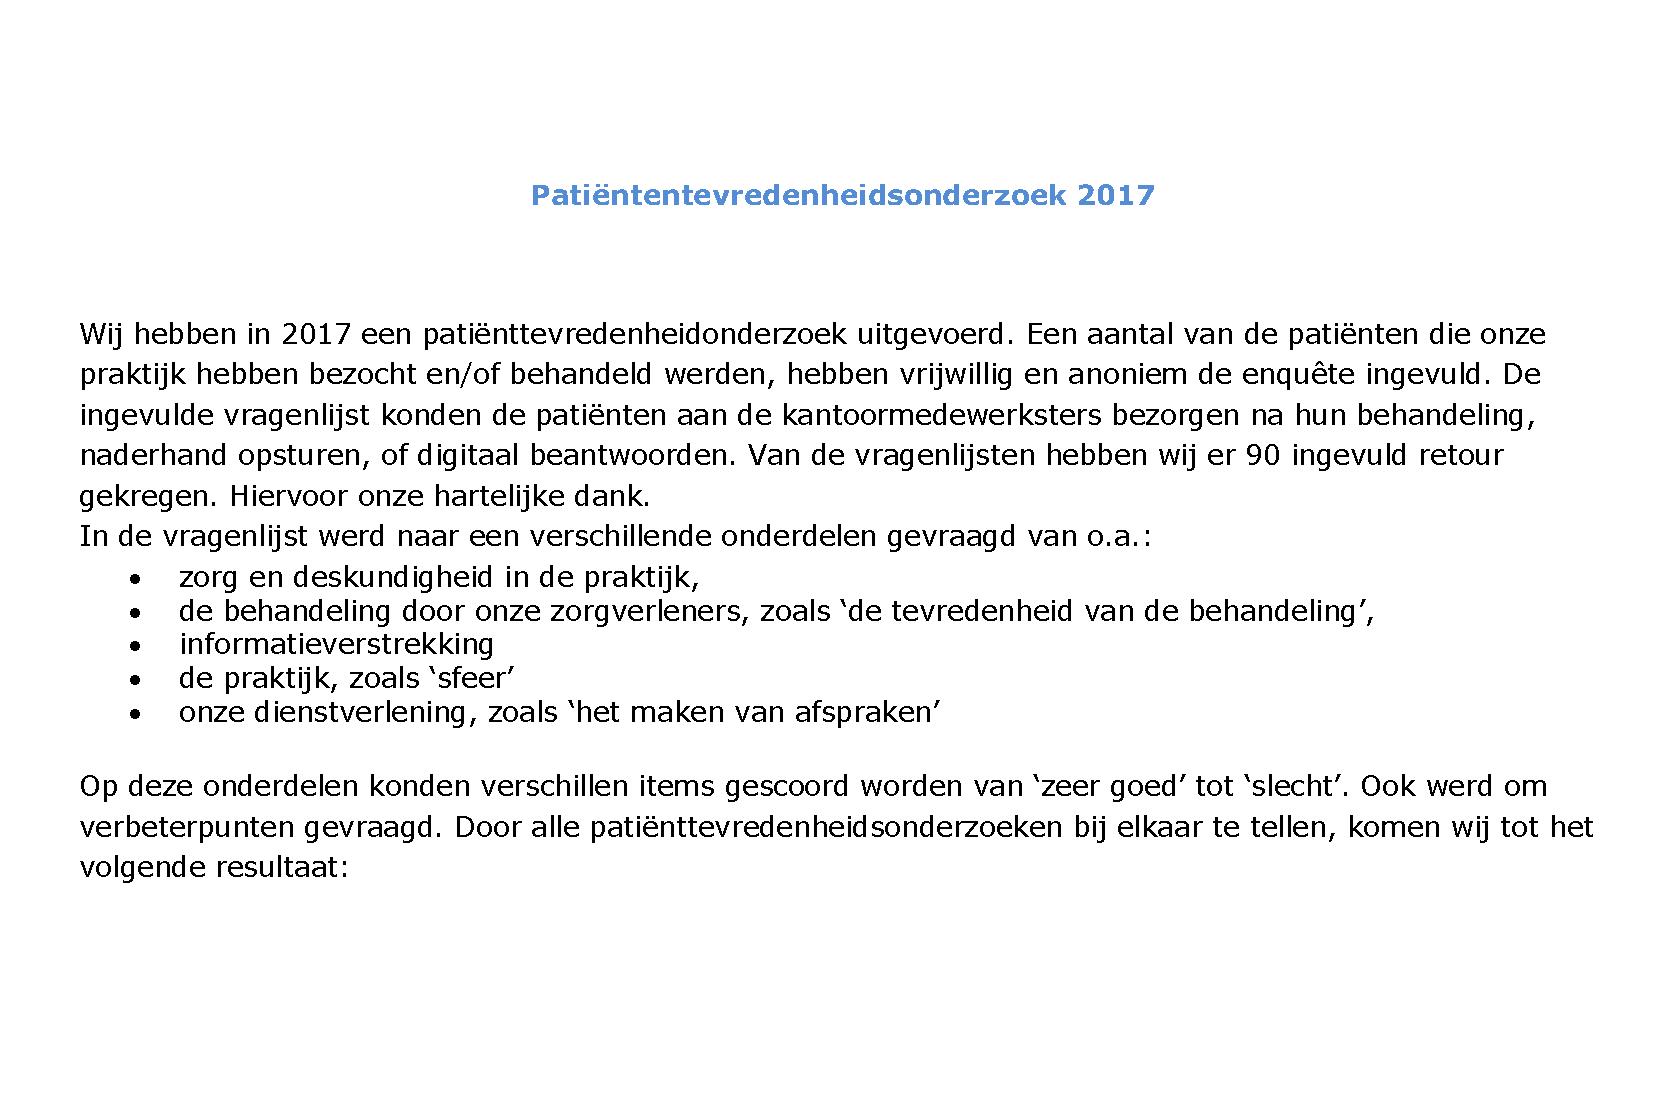 Patienttevredenheidsonderzoek-pagina-1